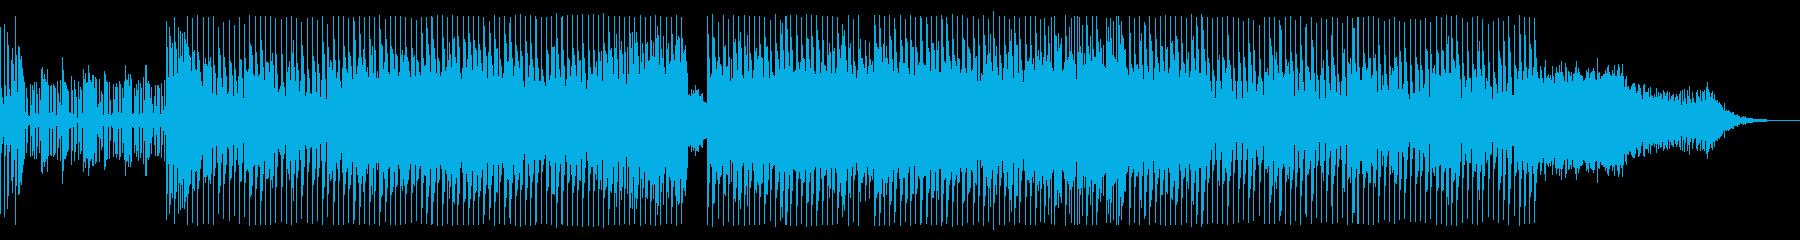 ノイジーでハードなエレクトロサウンドの再生済みの波形